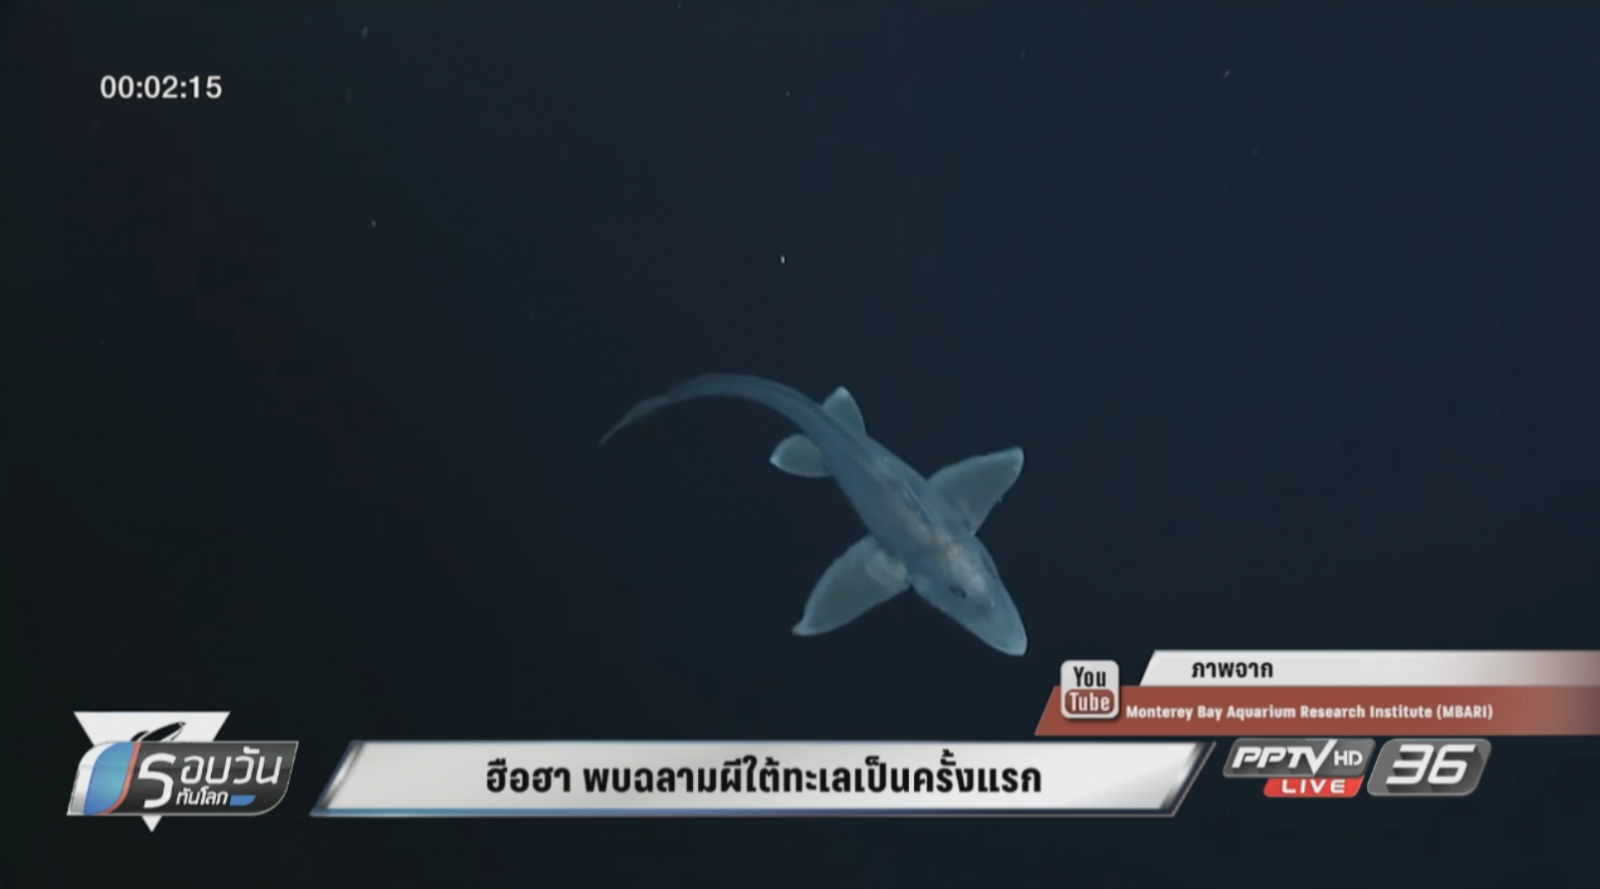 ฮือฮา พบฉลามผีใต้ทะเลเป็นครั้งแรก